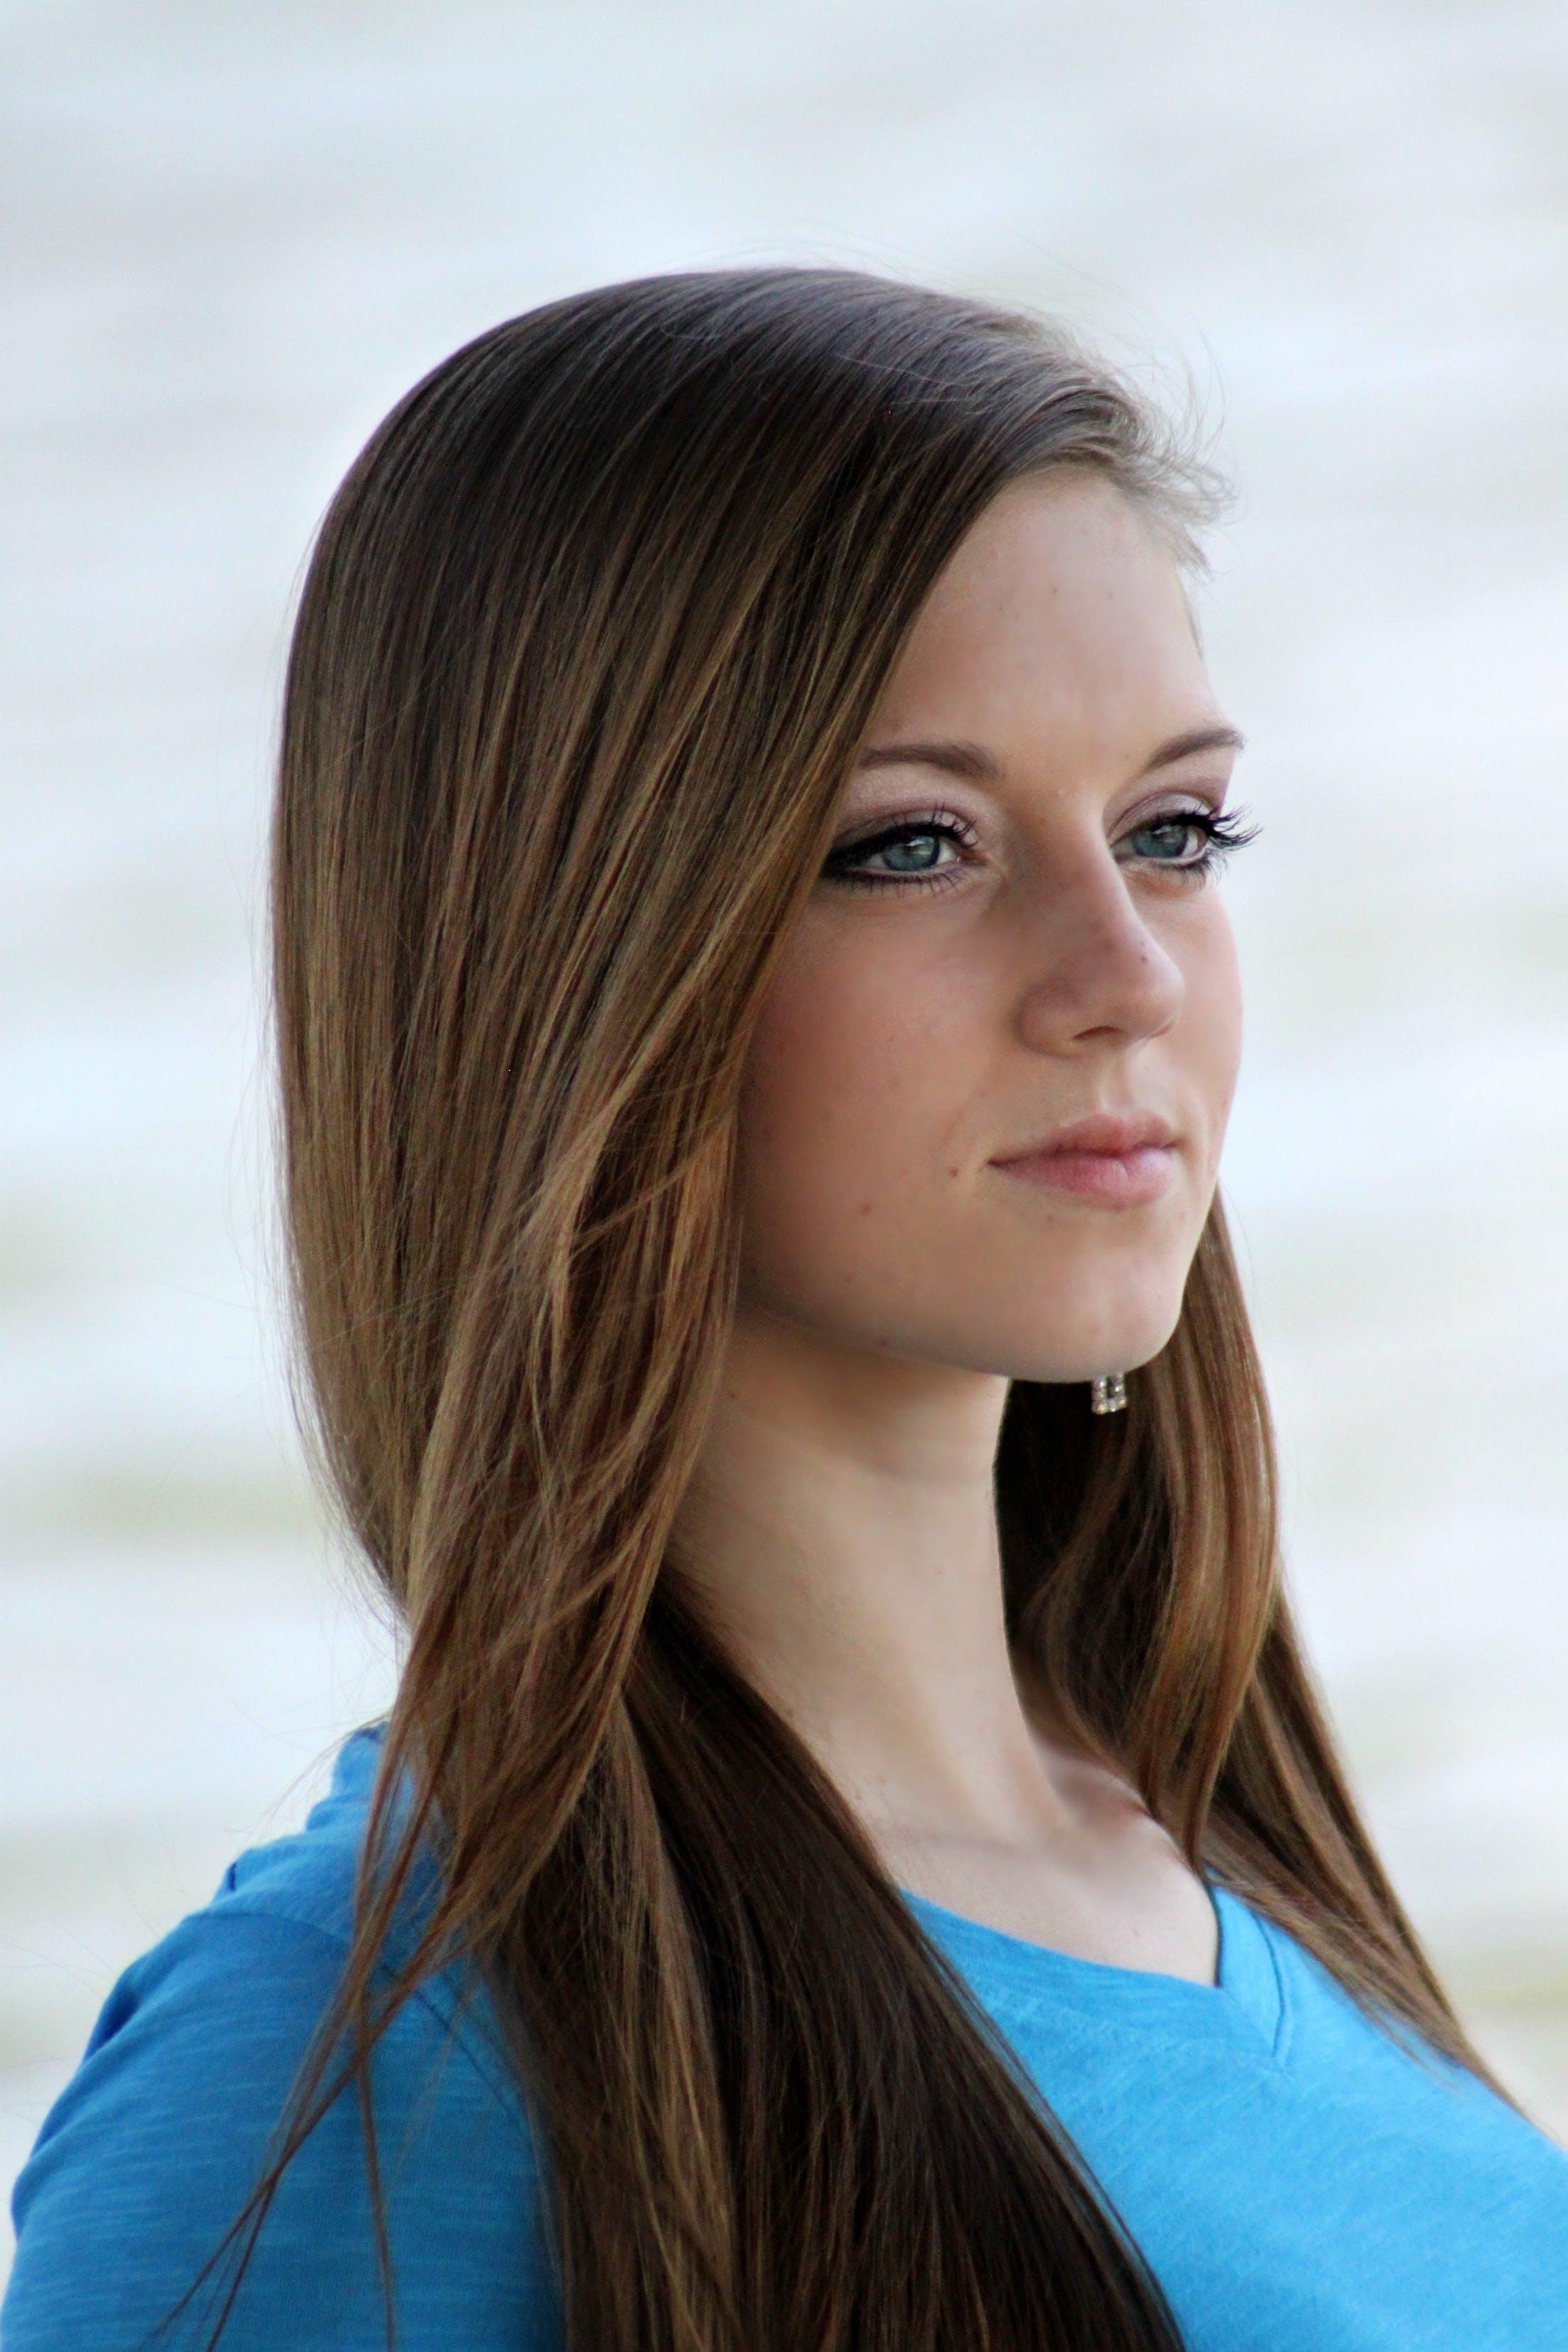 https://images.pexels.com/photos/53000/girl-beautiful-young-face-53000.jpeg?auto=compress&cs=tinysrgb&dpr=2&h=650&w=940